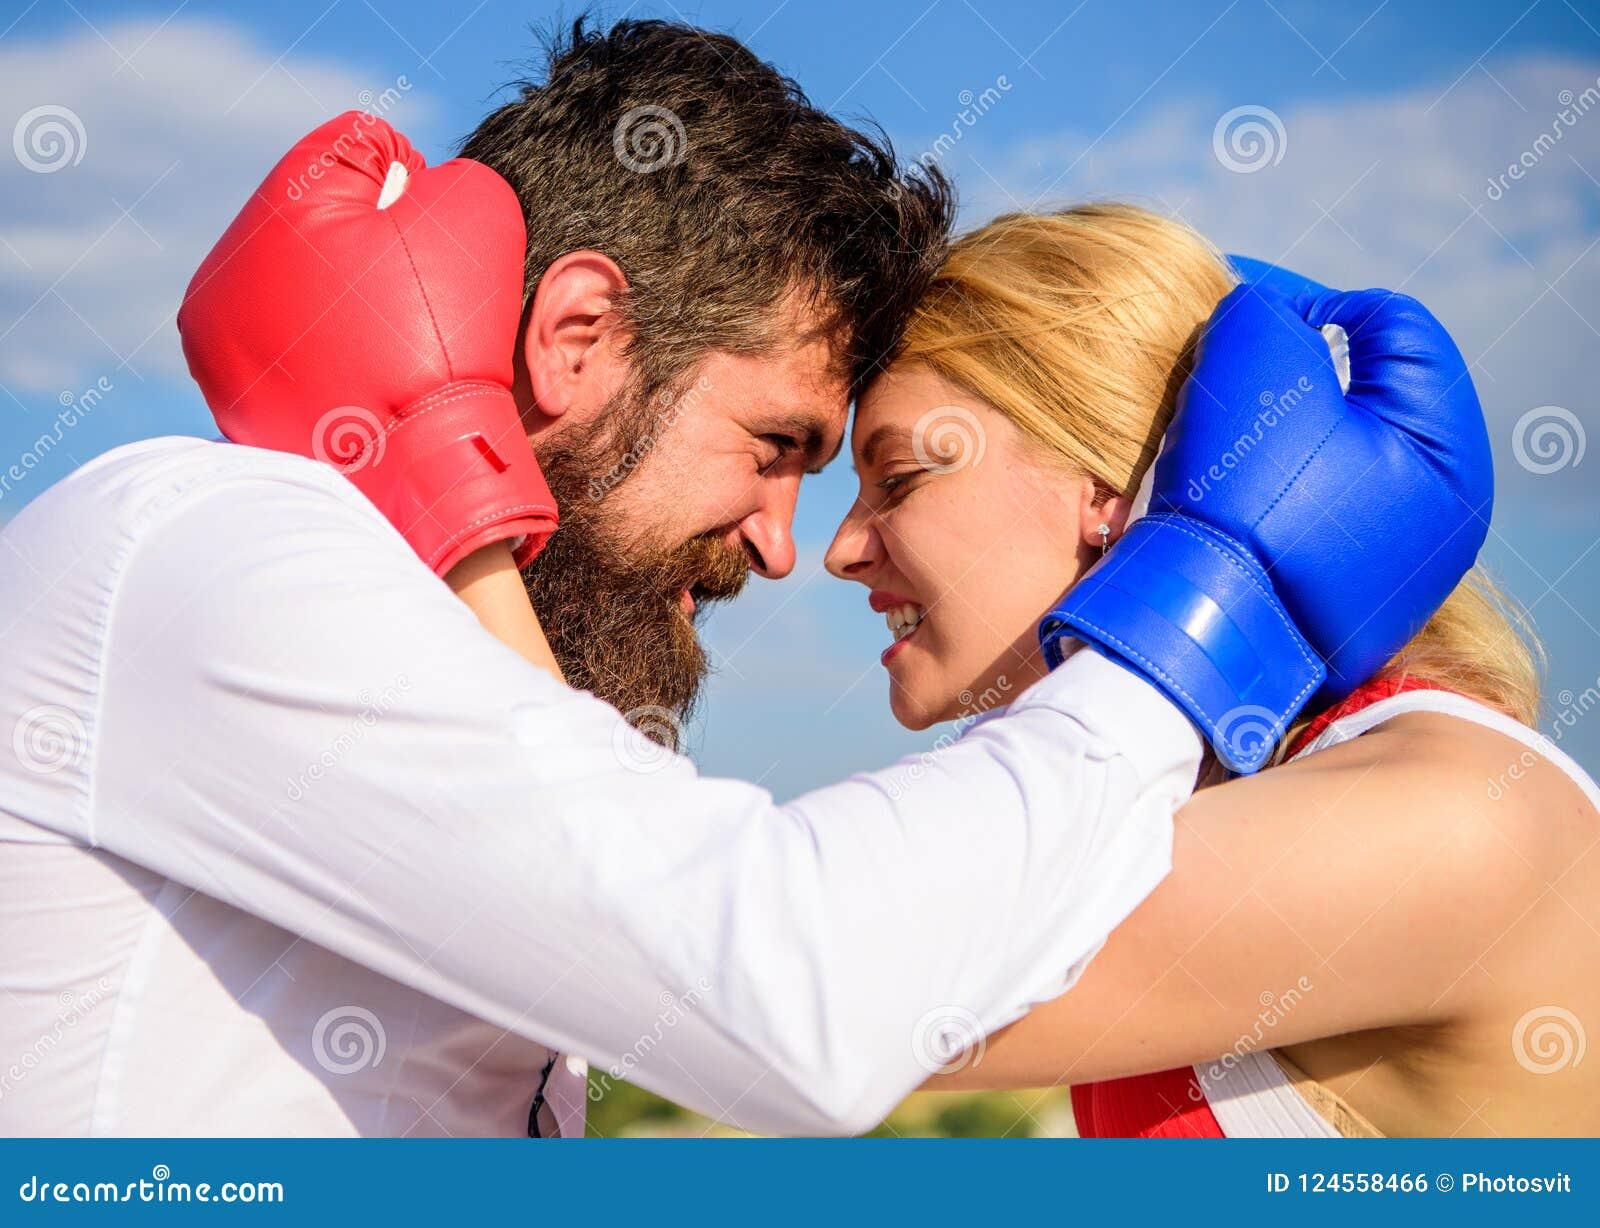 Van het mensenbaard en meisje knuffel gelukkig na strijd Van de gezinslevengeluk en relatie problemen Verzoening en compromis